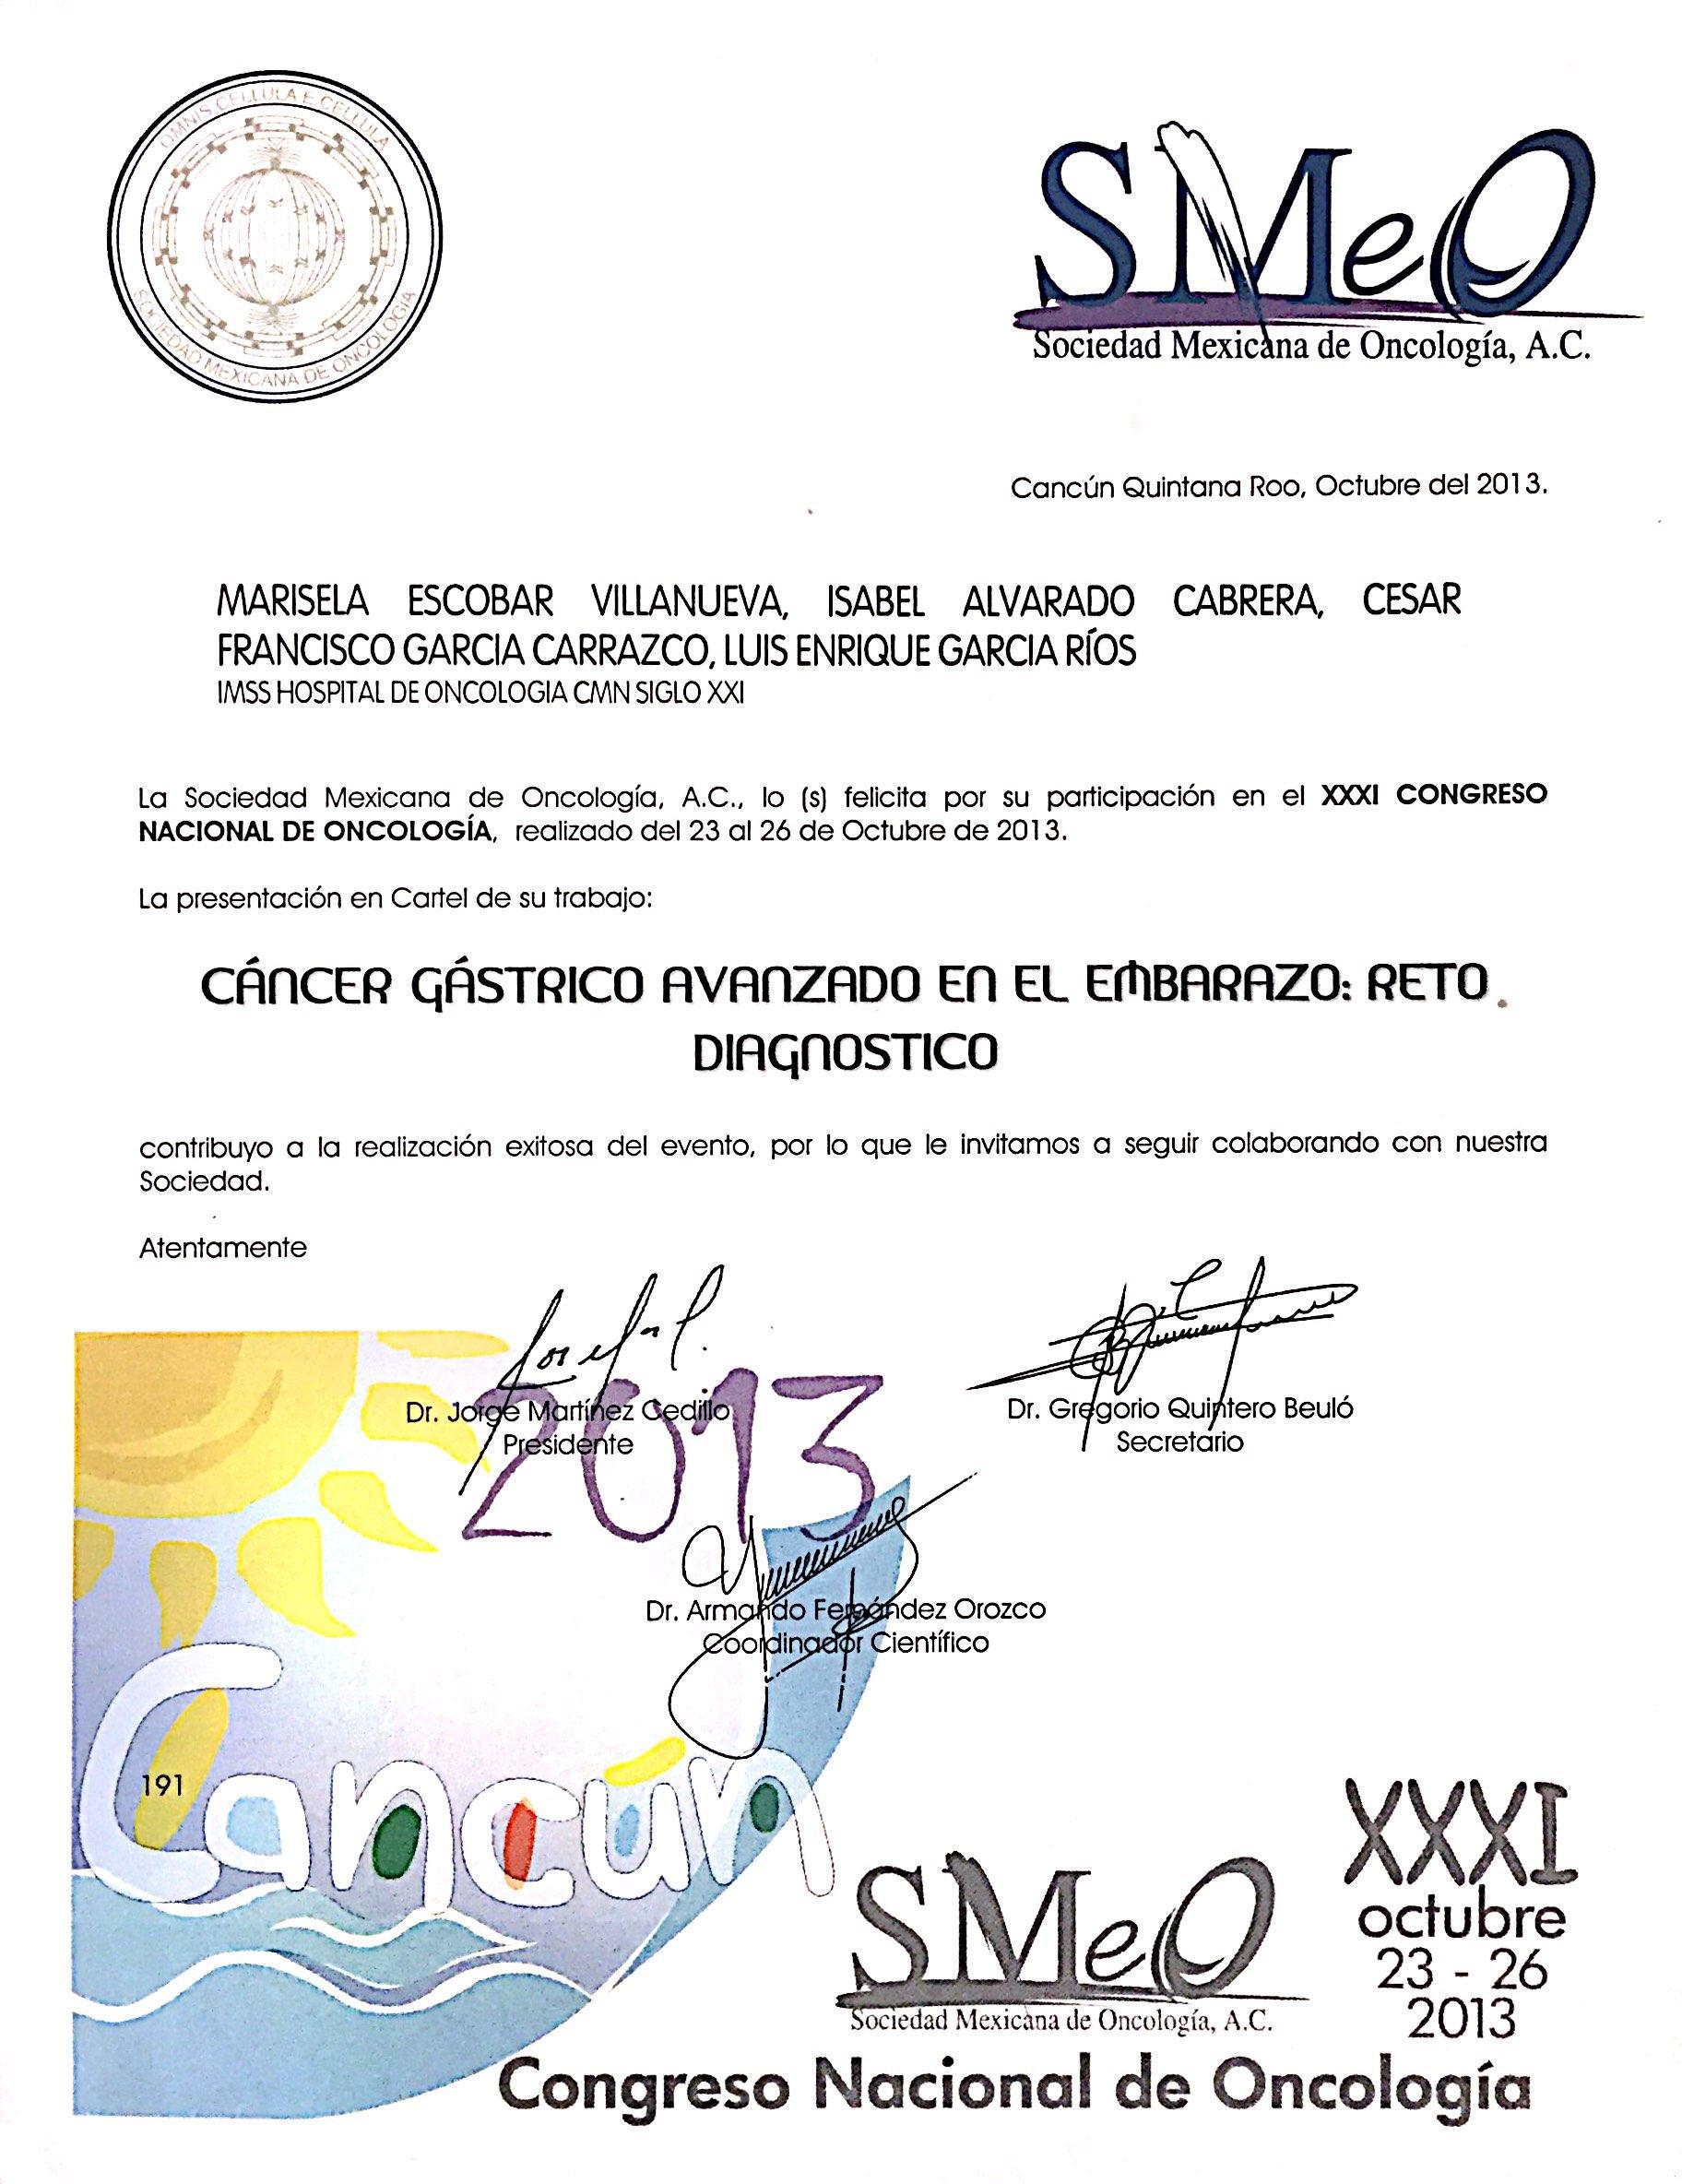 Dr. Garcia Carrazco_58